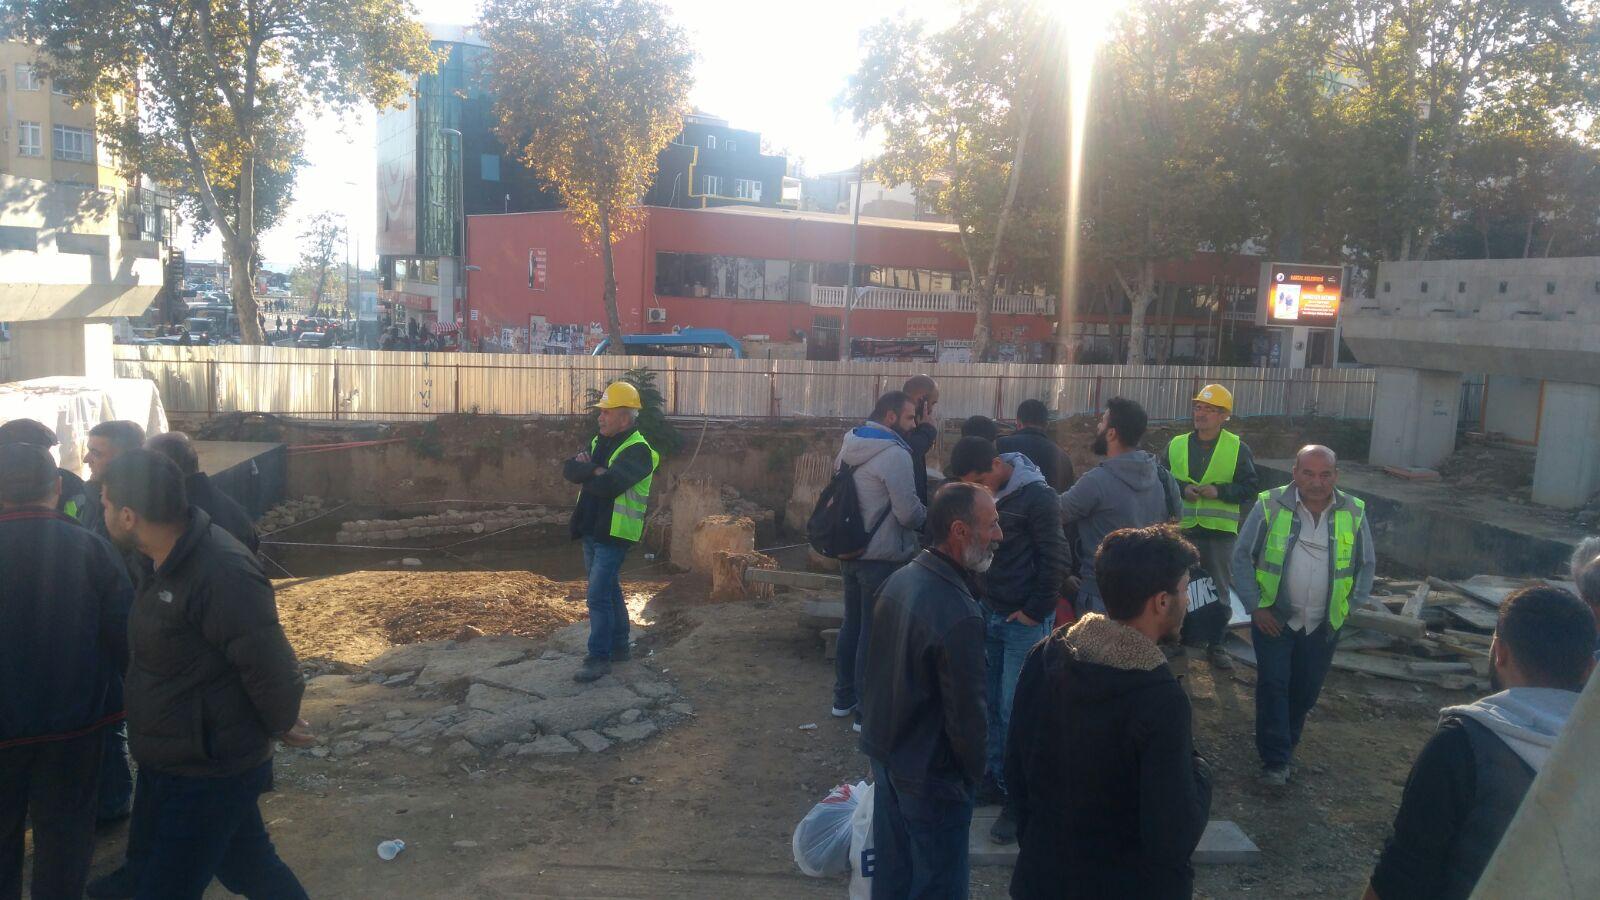 Kartal'da tren yolu inşaatında patron zorbalığı: 47 işçiyi işten attı, güvenlikçileri saldırttı!